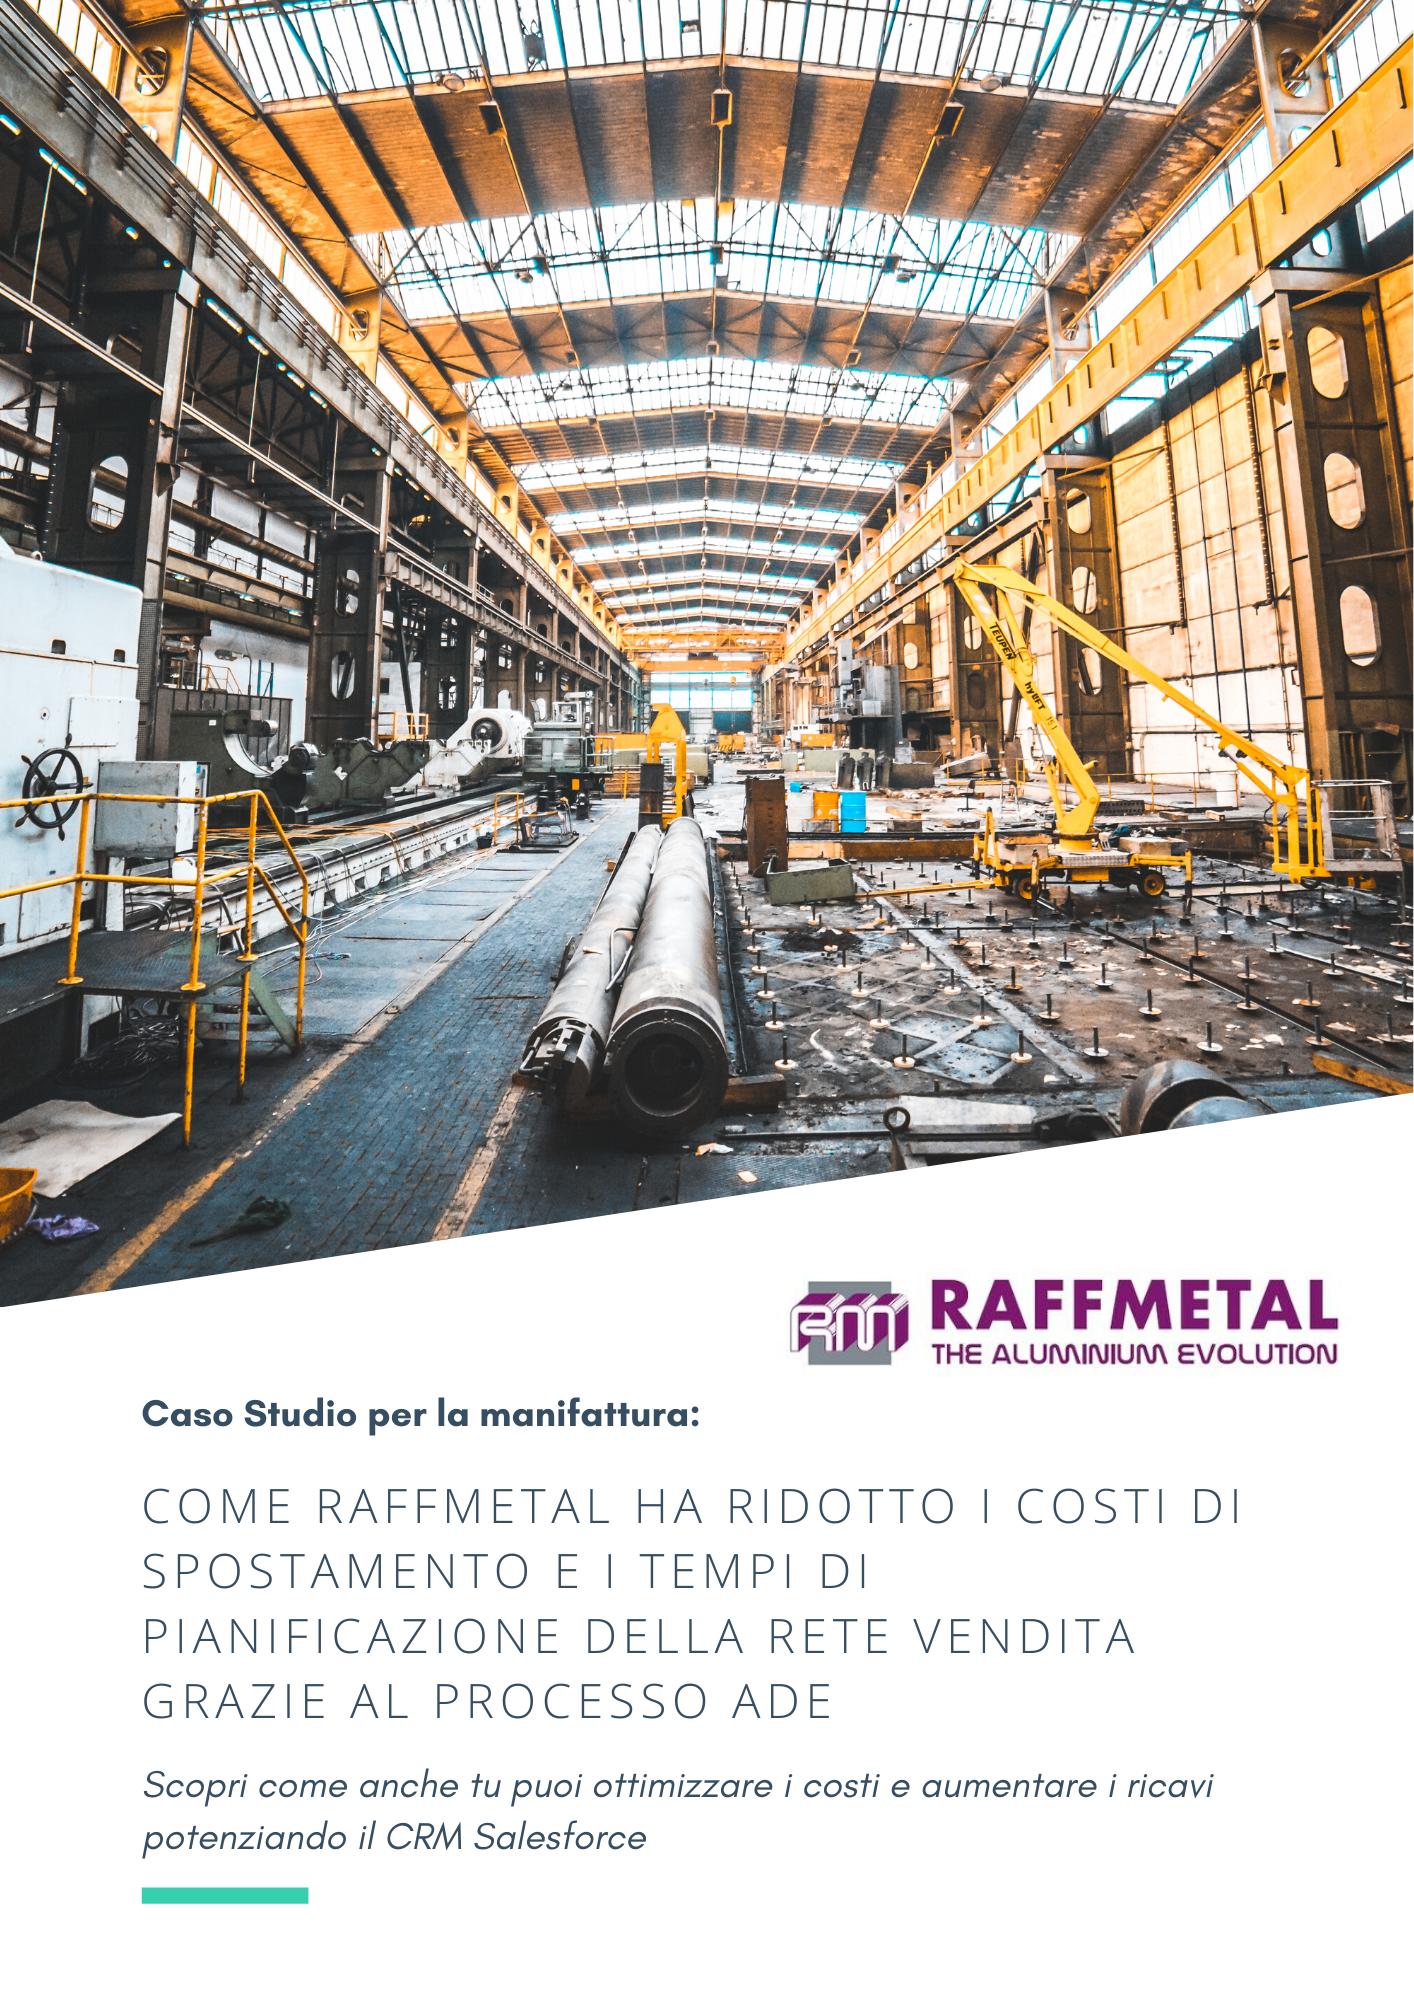 Raffmetal Caso studio (1)